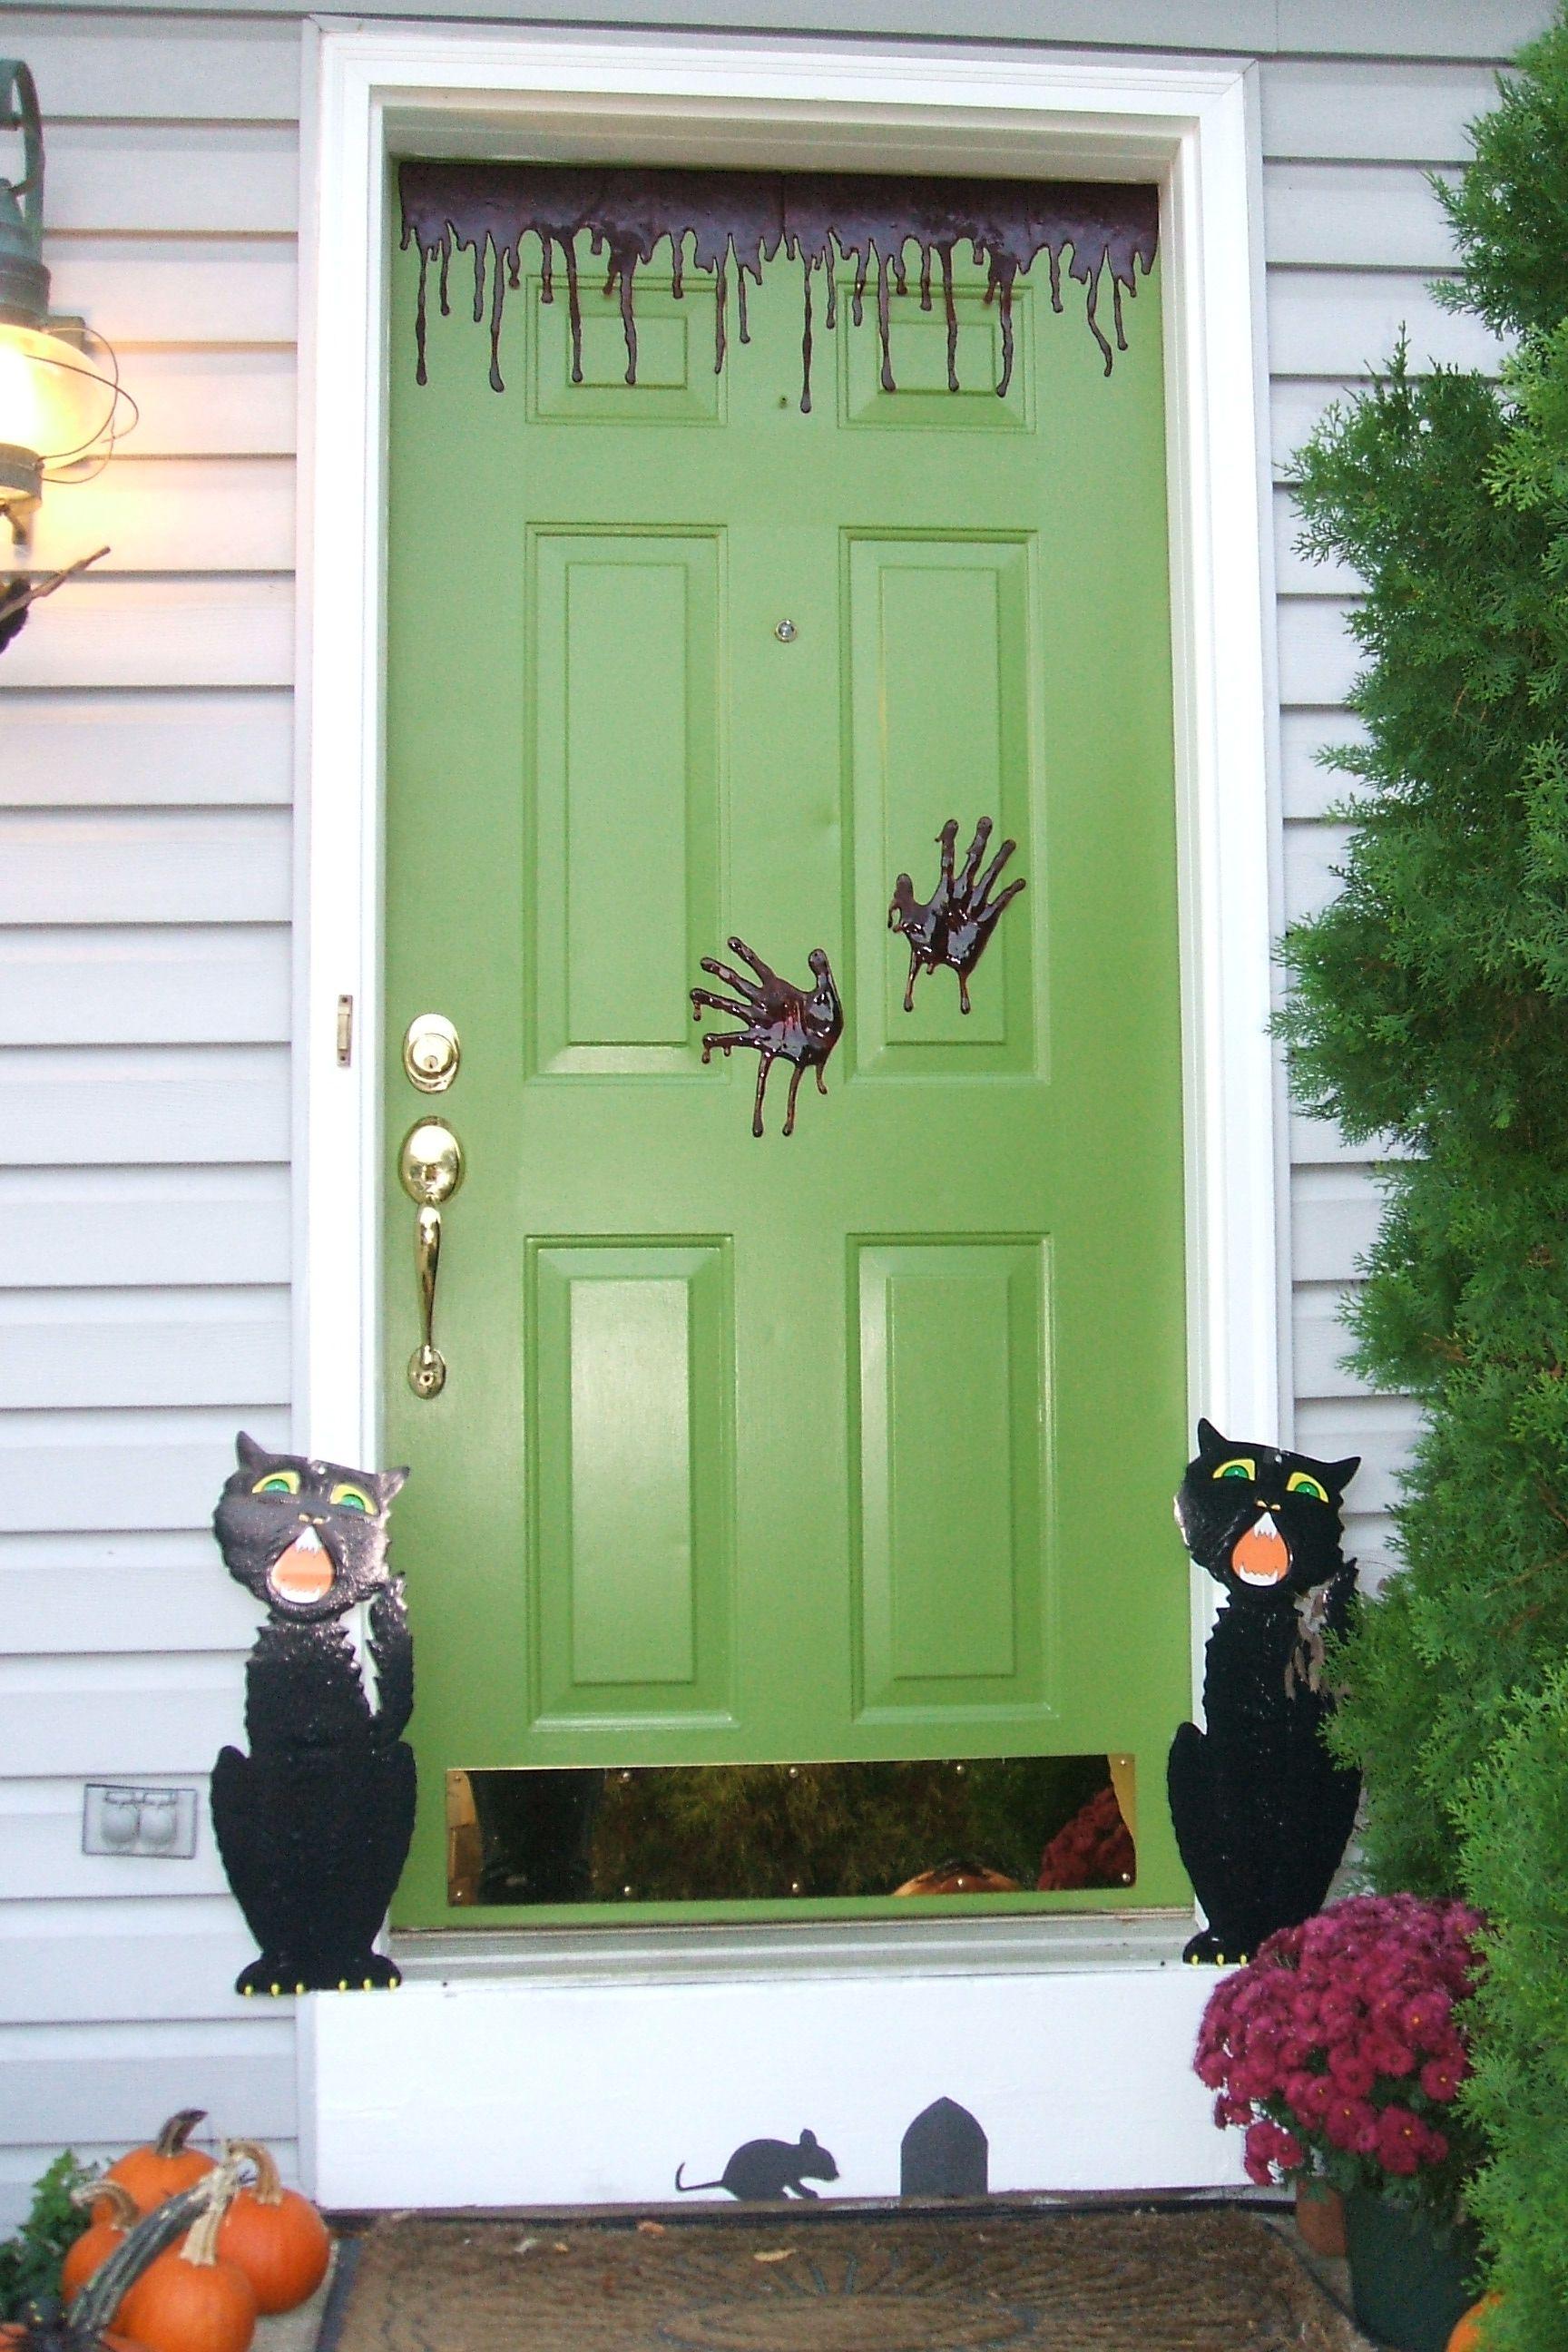 Halloween Front Door Halloween Pinterest Halloween front doors - halloween front door decor